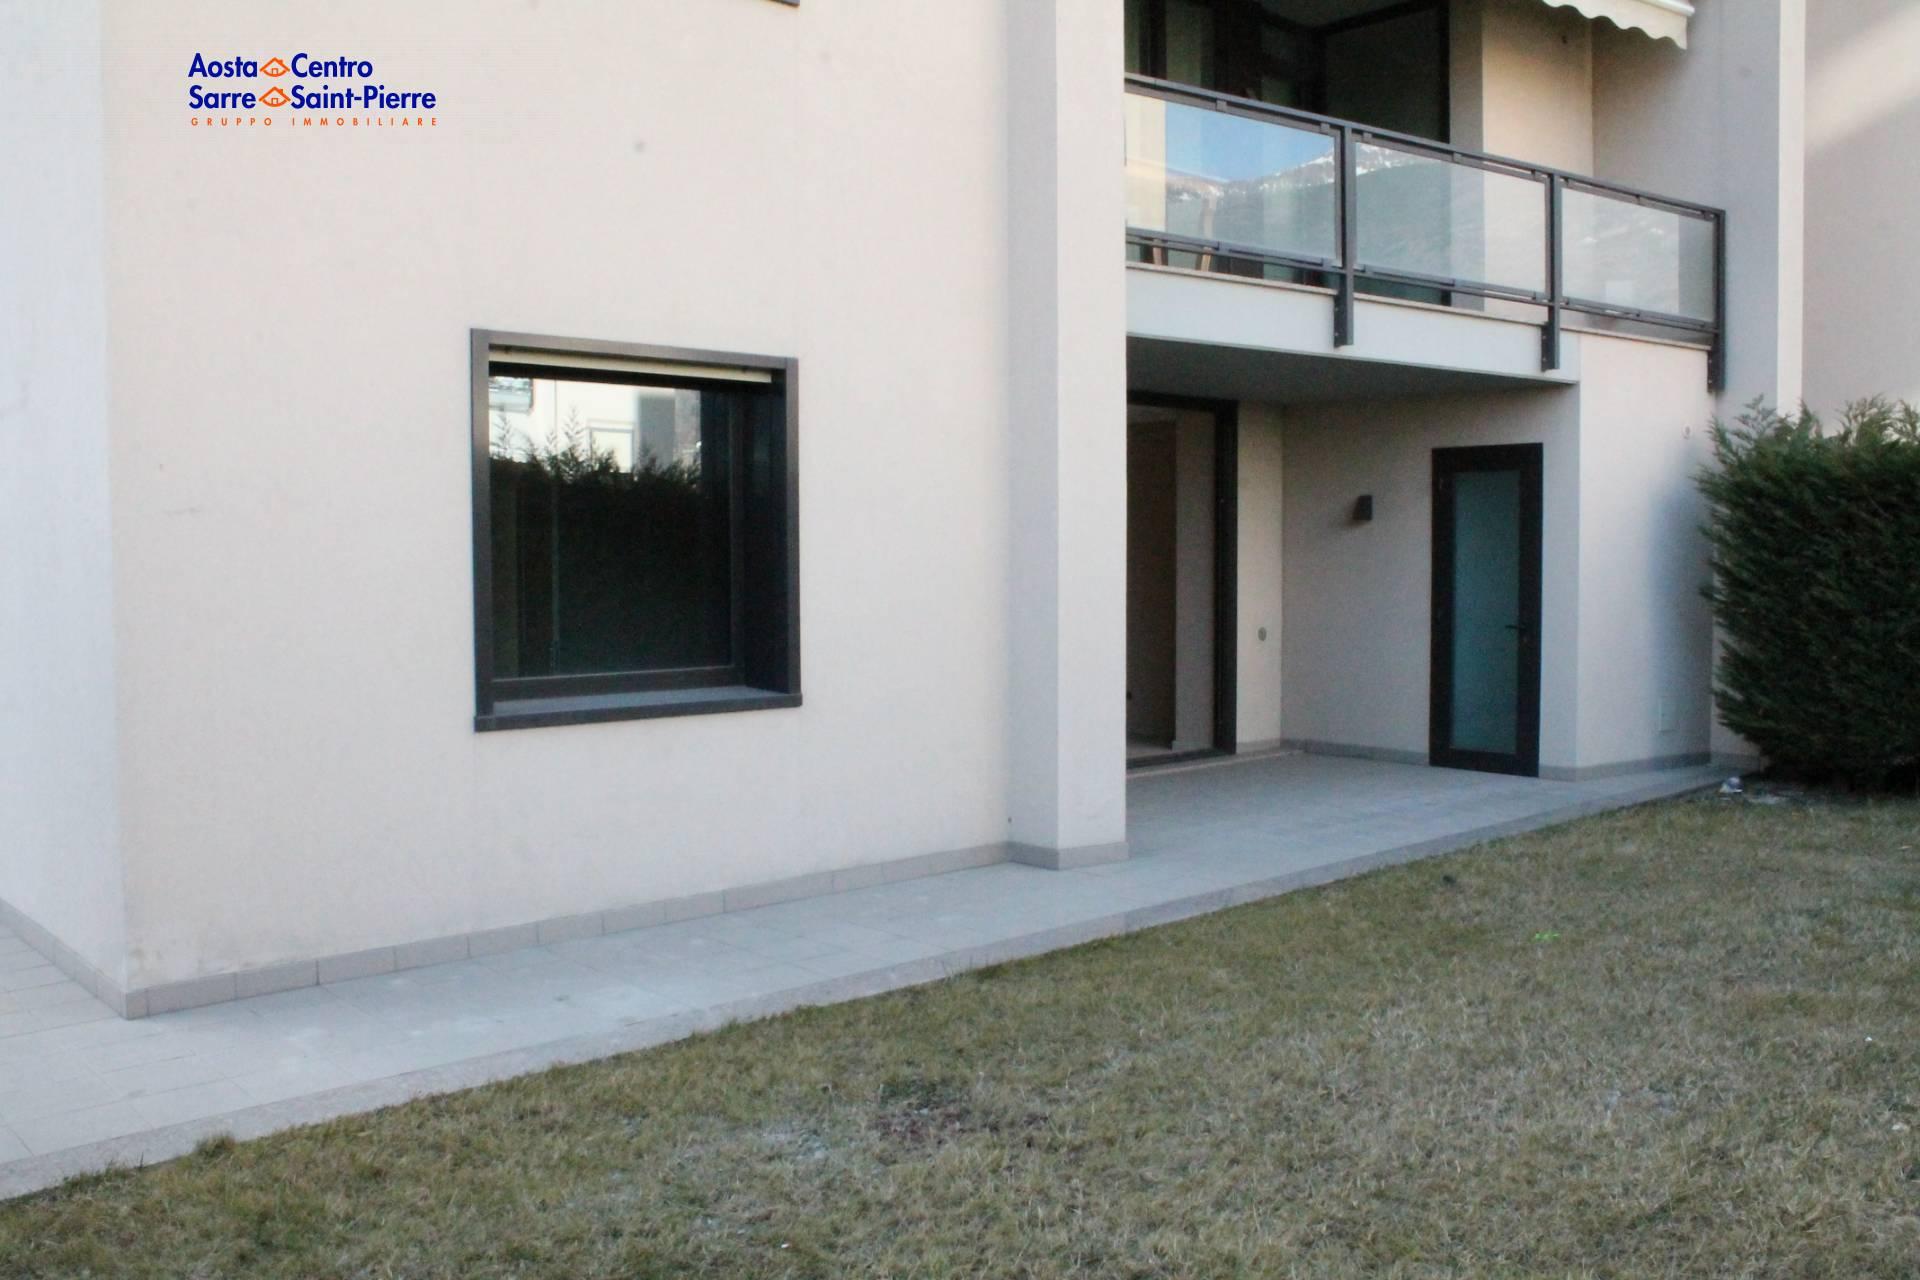 Appartamento in vendita a Aosta, 2 locali, prezzo € 177.000   PortaleAgenzieImmobiliari.it